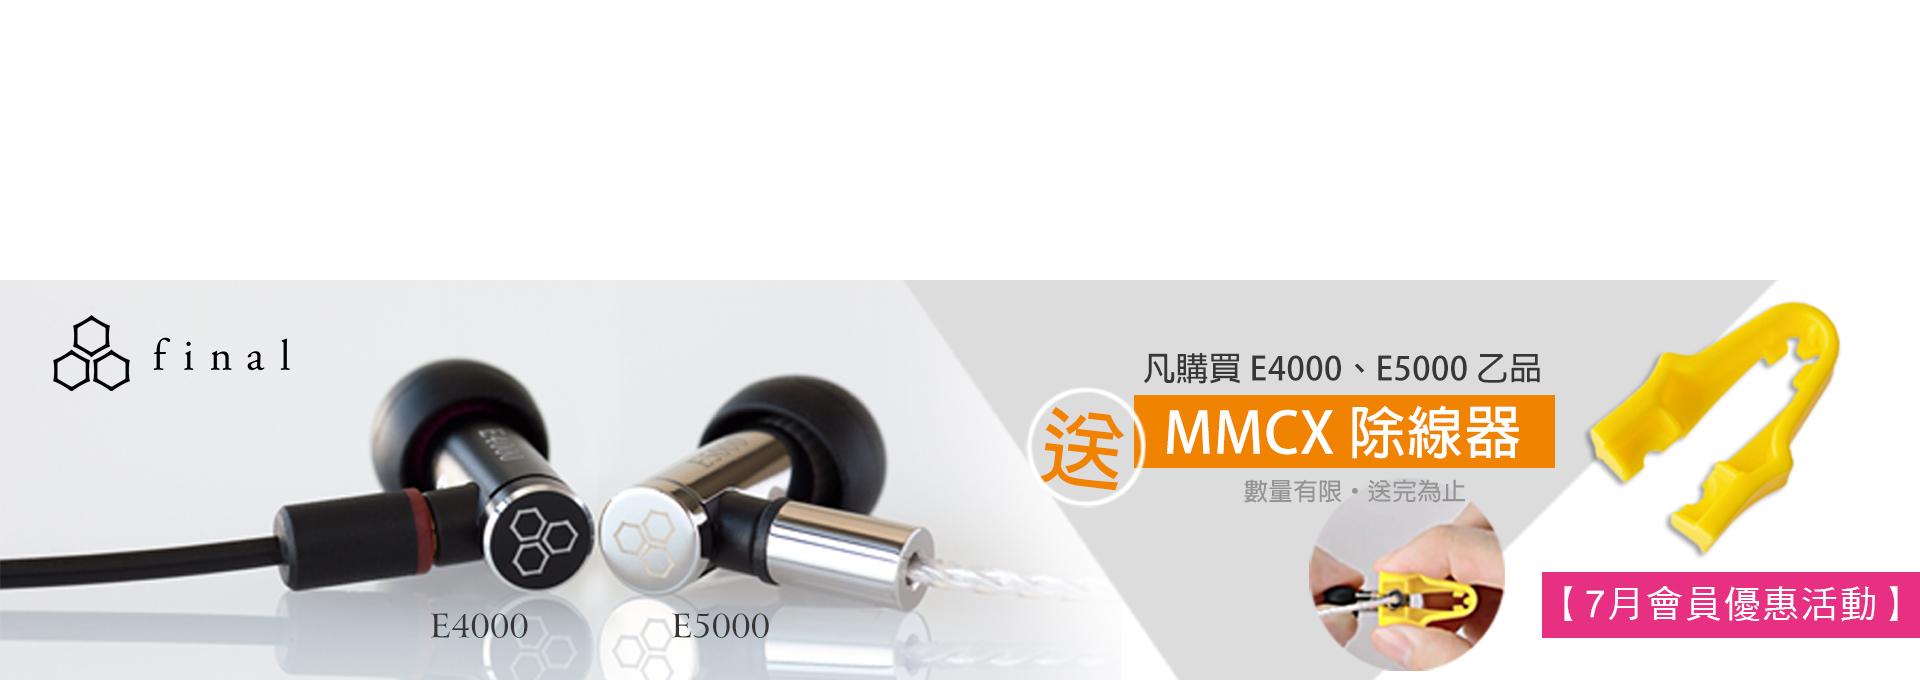 final,E5000,E4000,MMCX除線器,可換線耳機,日本耳機,有線耳機,耳機,優惠活動